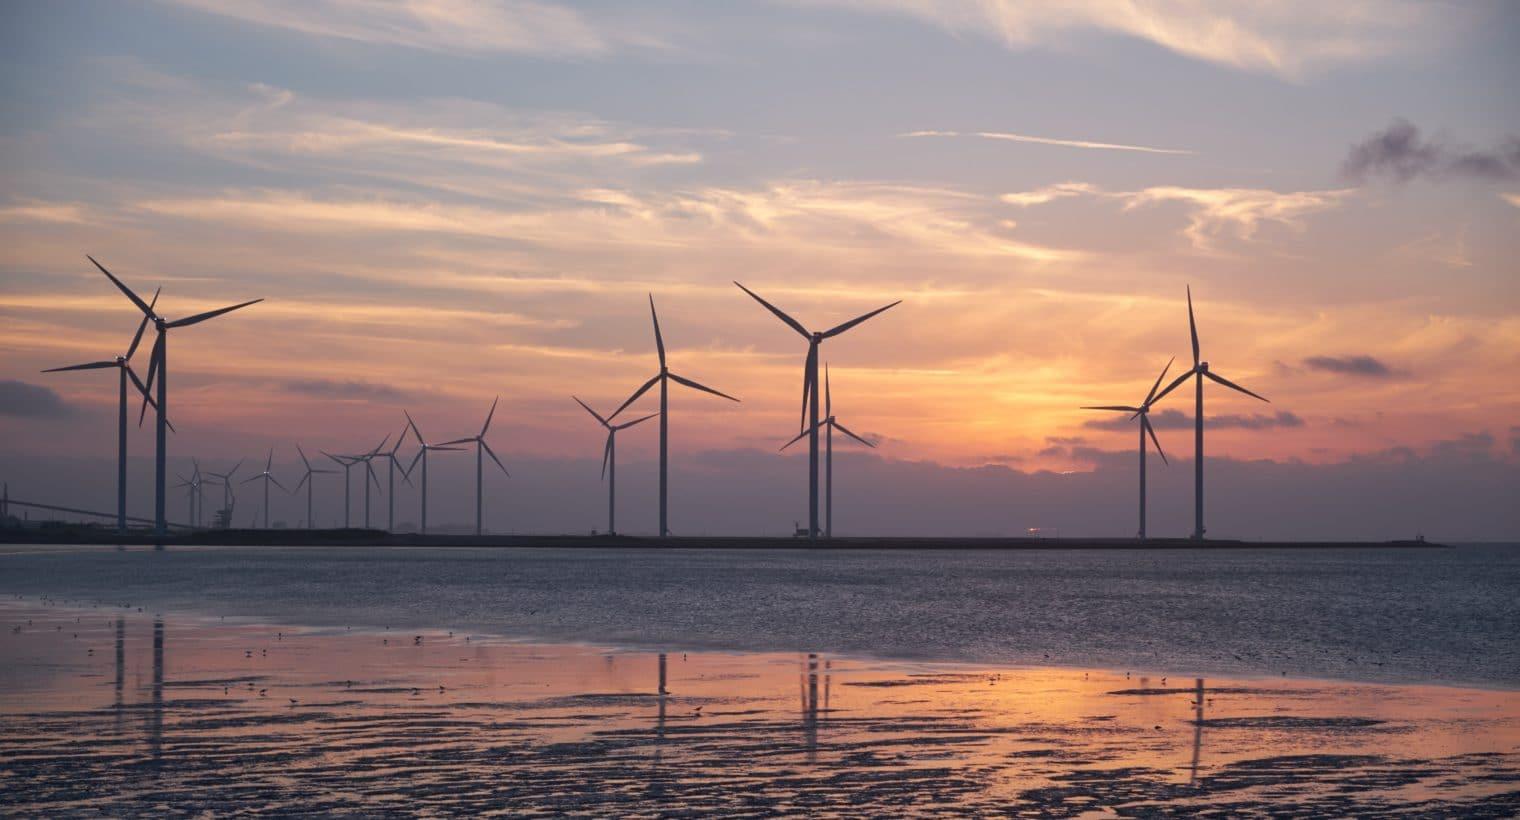 énergies renouvelables en Europe, éolien, solaire, charbon